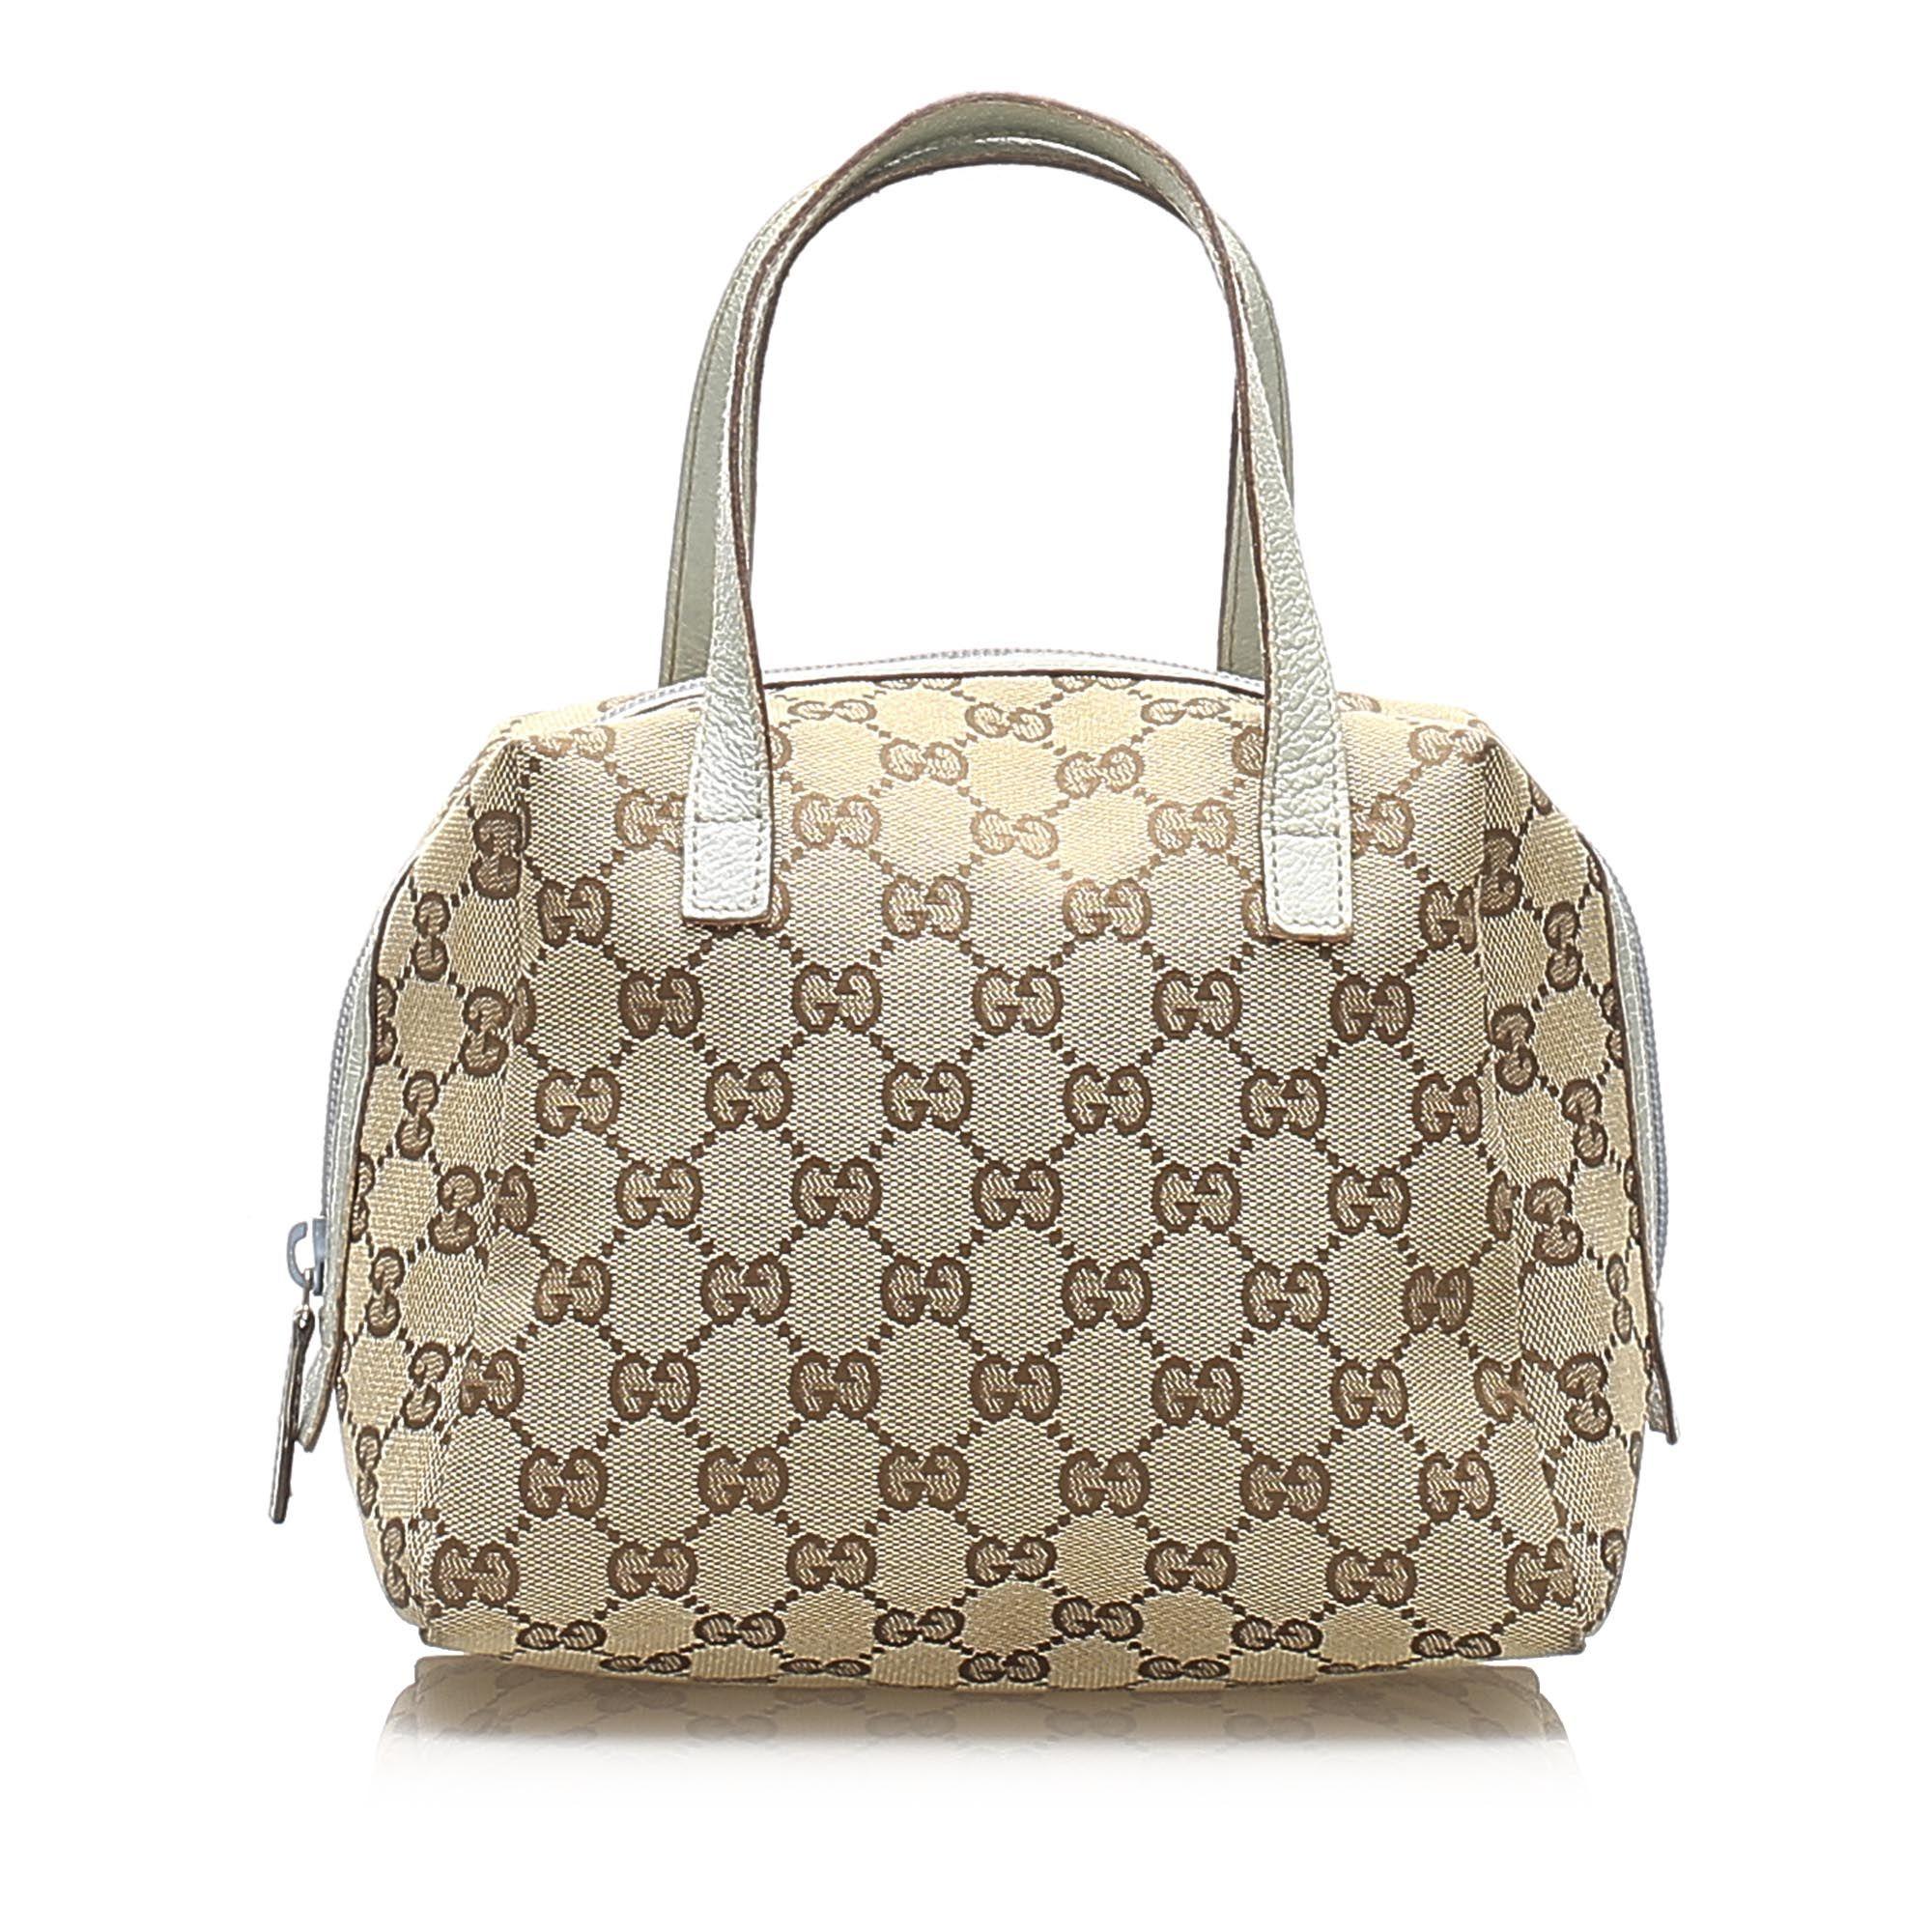 Vintage Gucci GG Canvas Handbag Brown